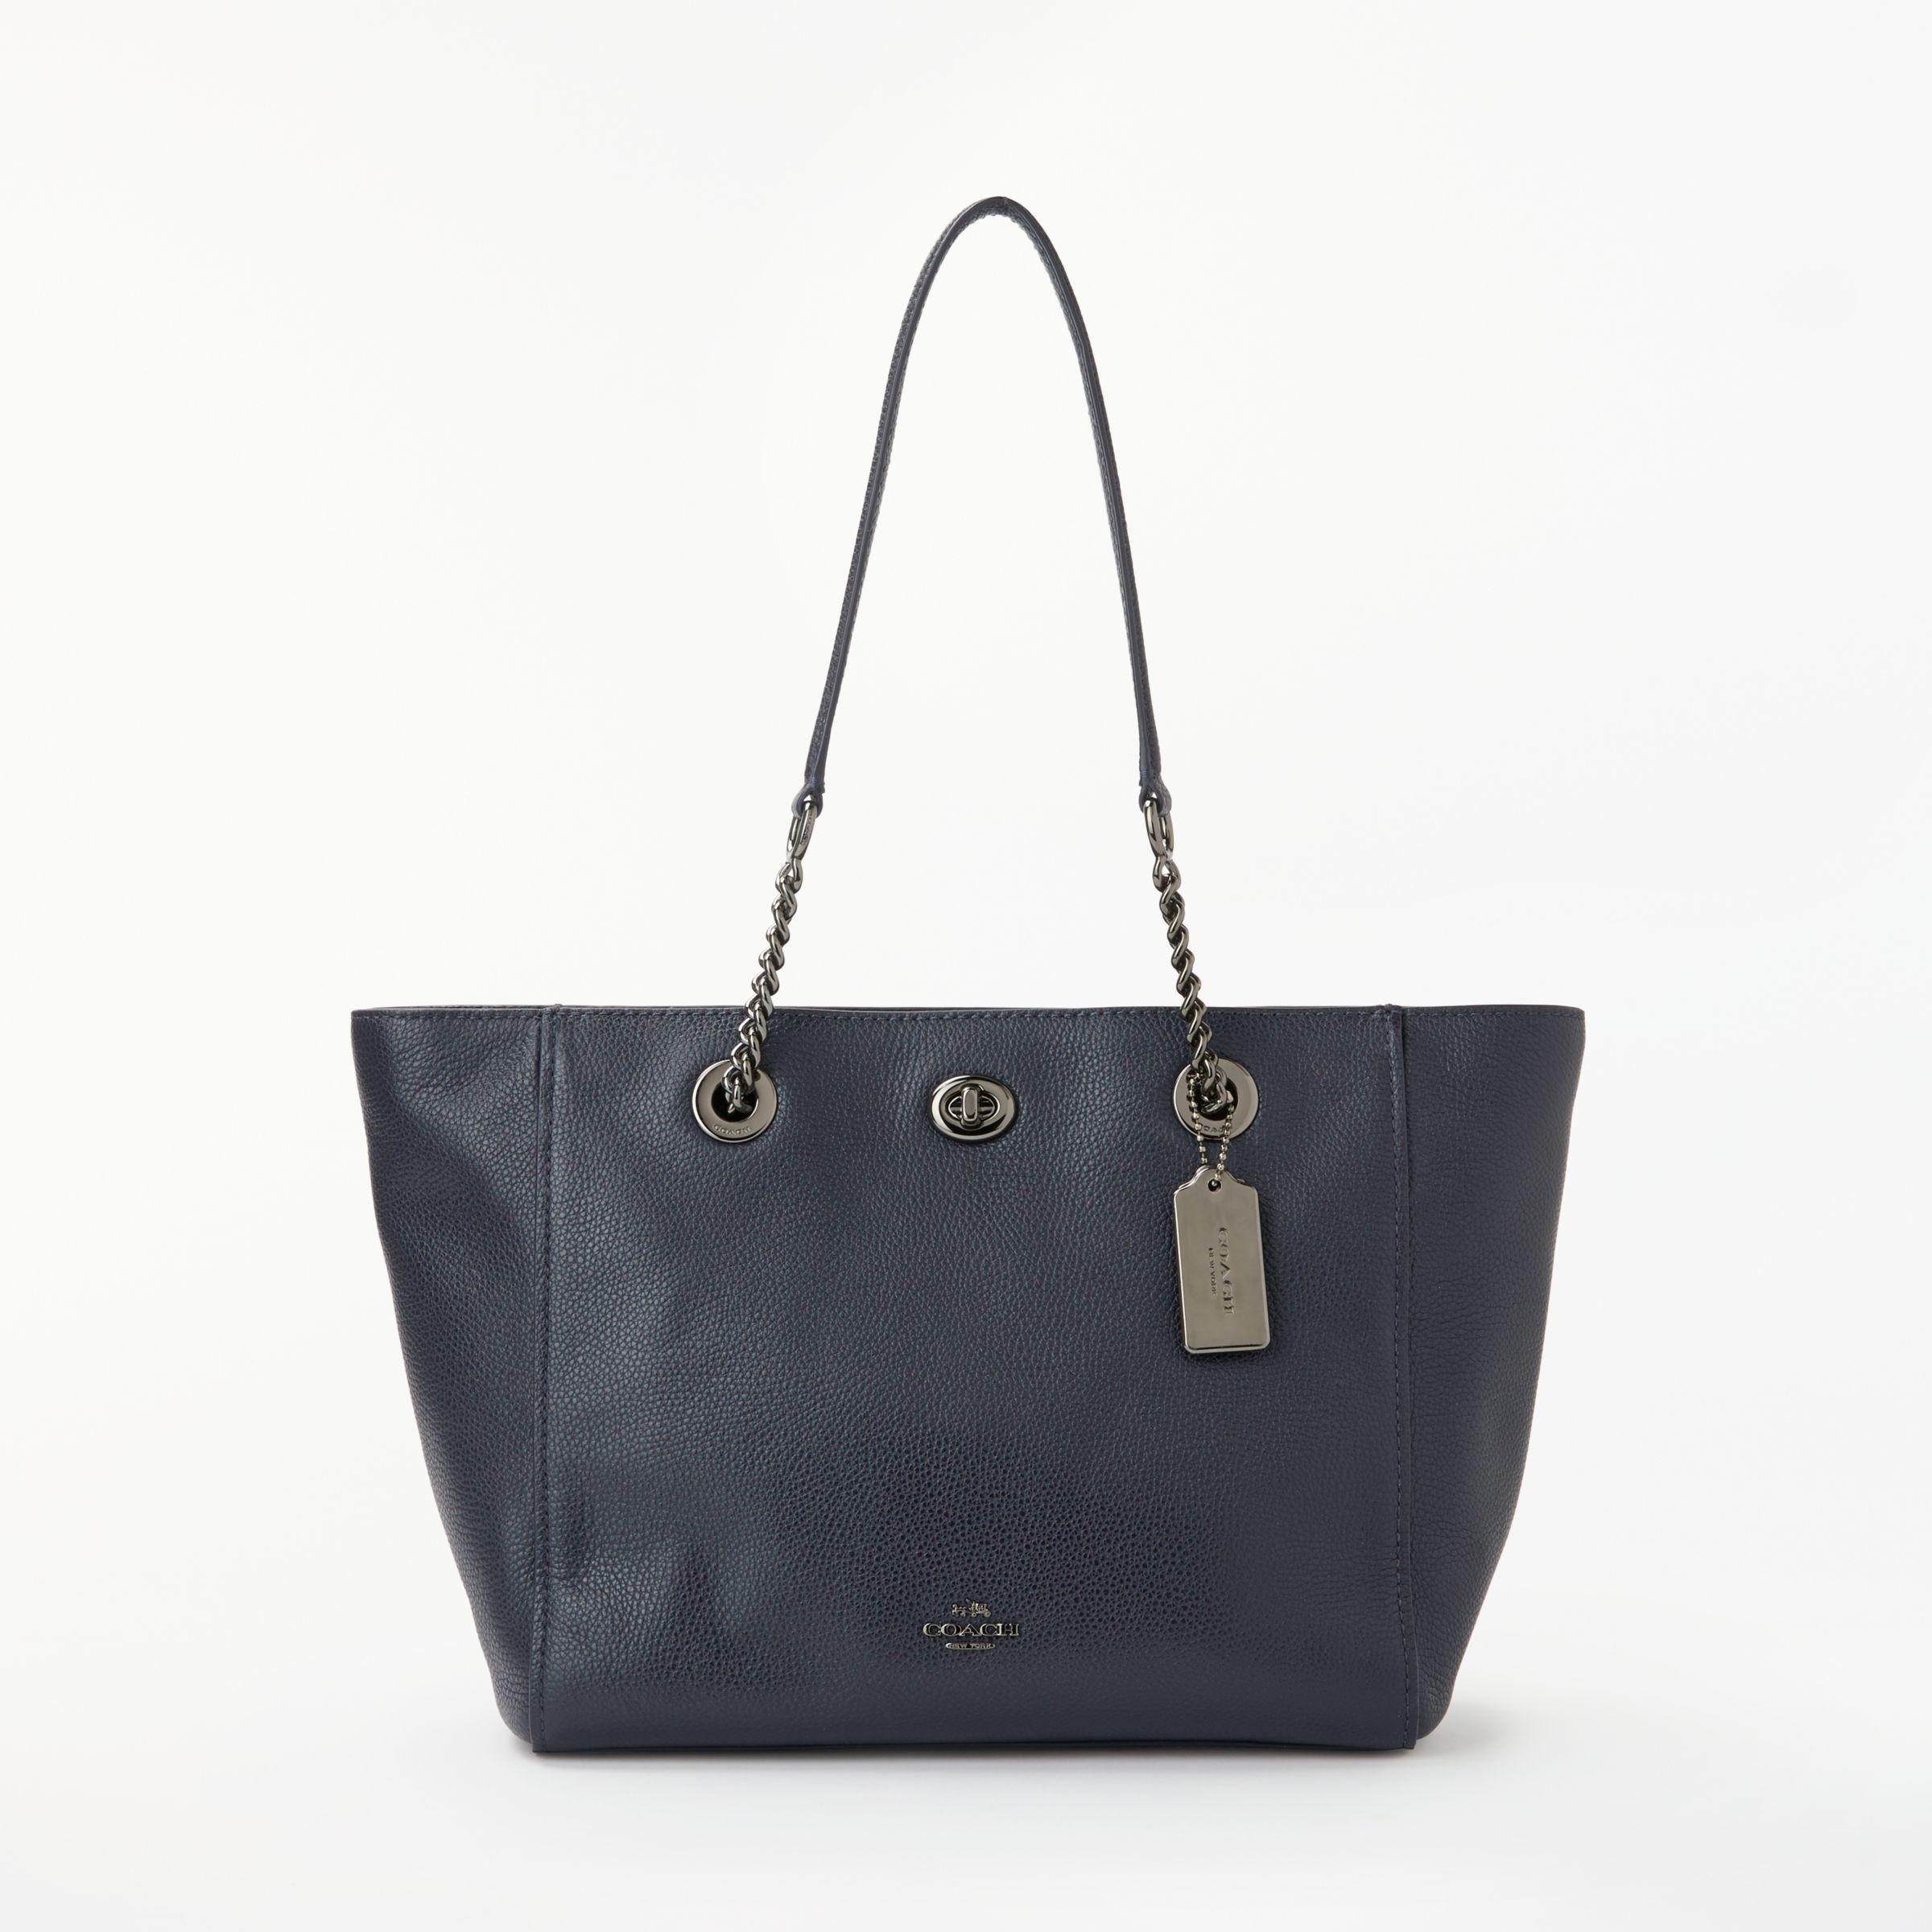 bb056b018bed reduced coach shoulder strap handbags totes 8fe77 0d239